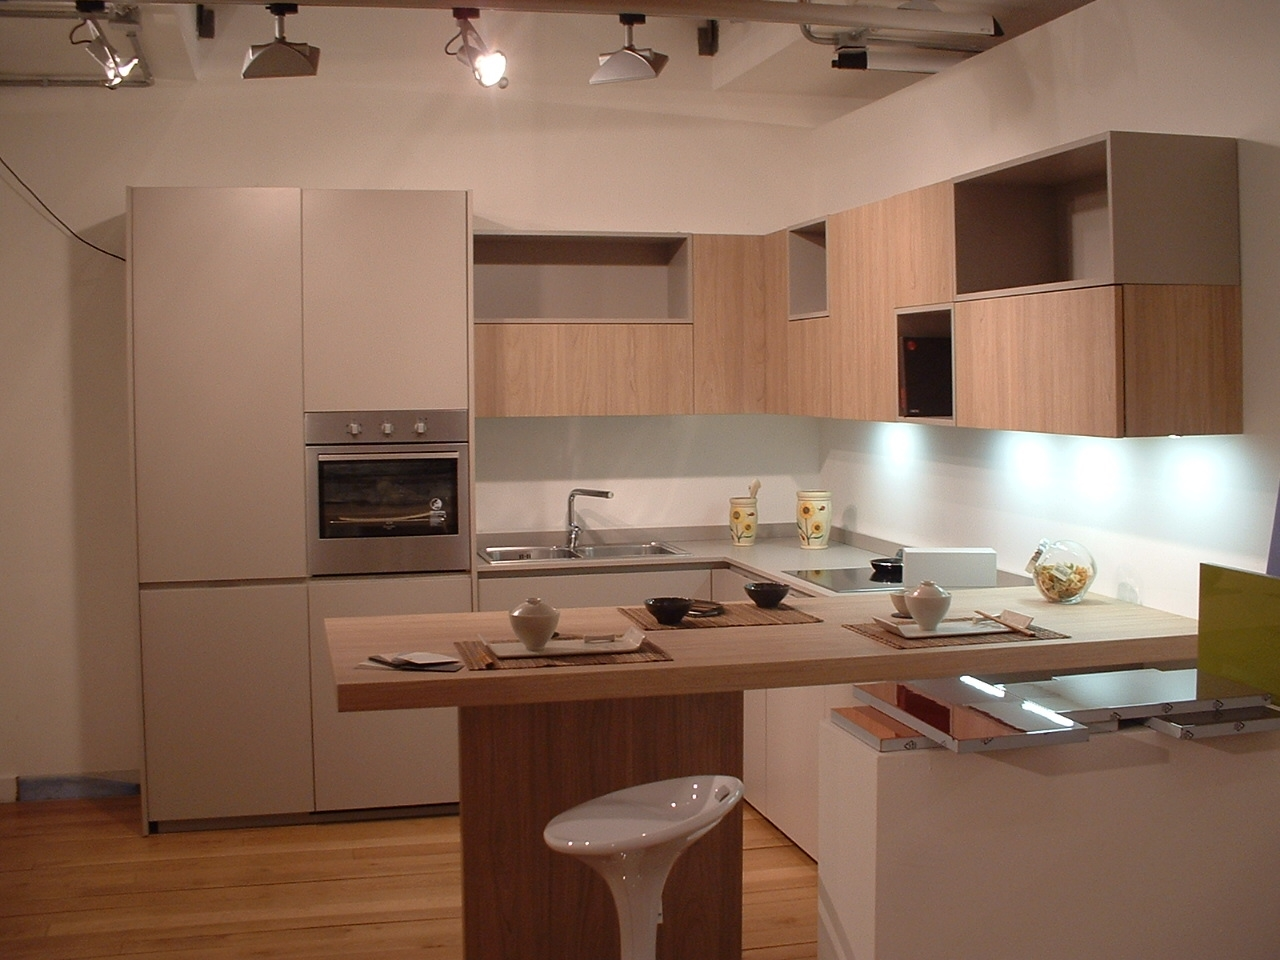 Cucine ad angolo misure great cucina ad angolo dimensioni - Cucine ad angolo ...